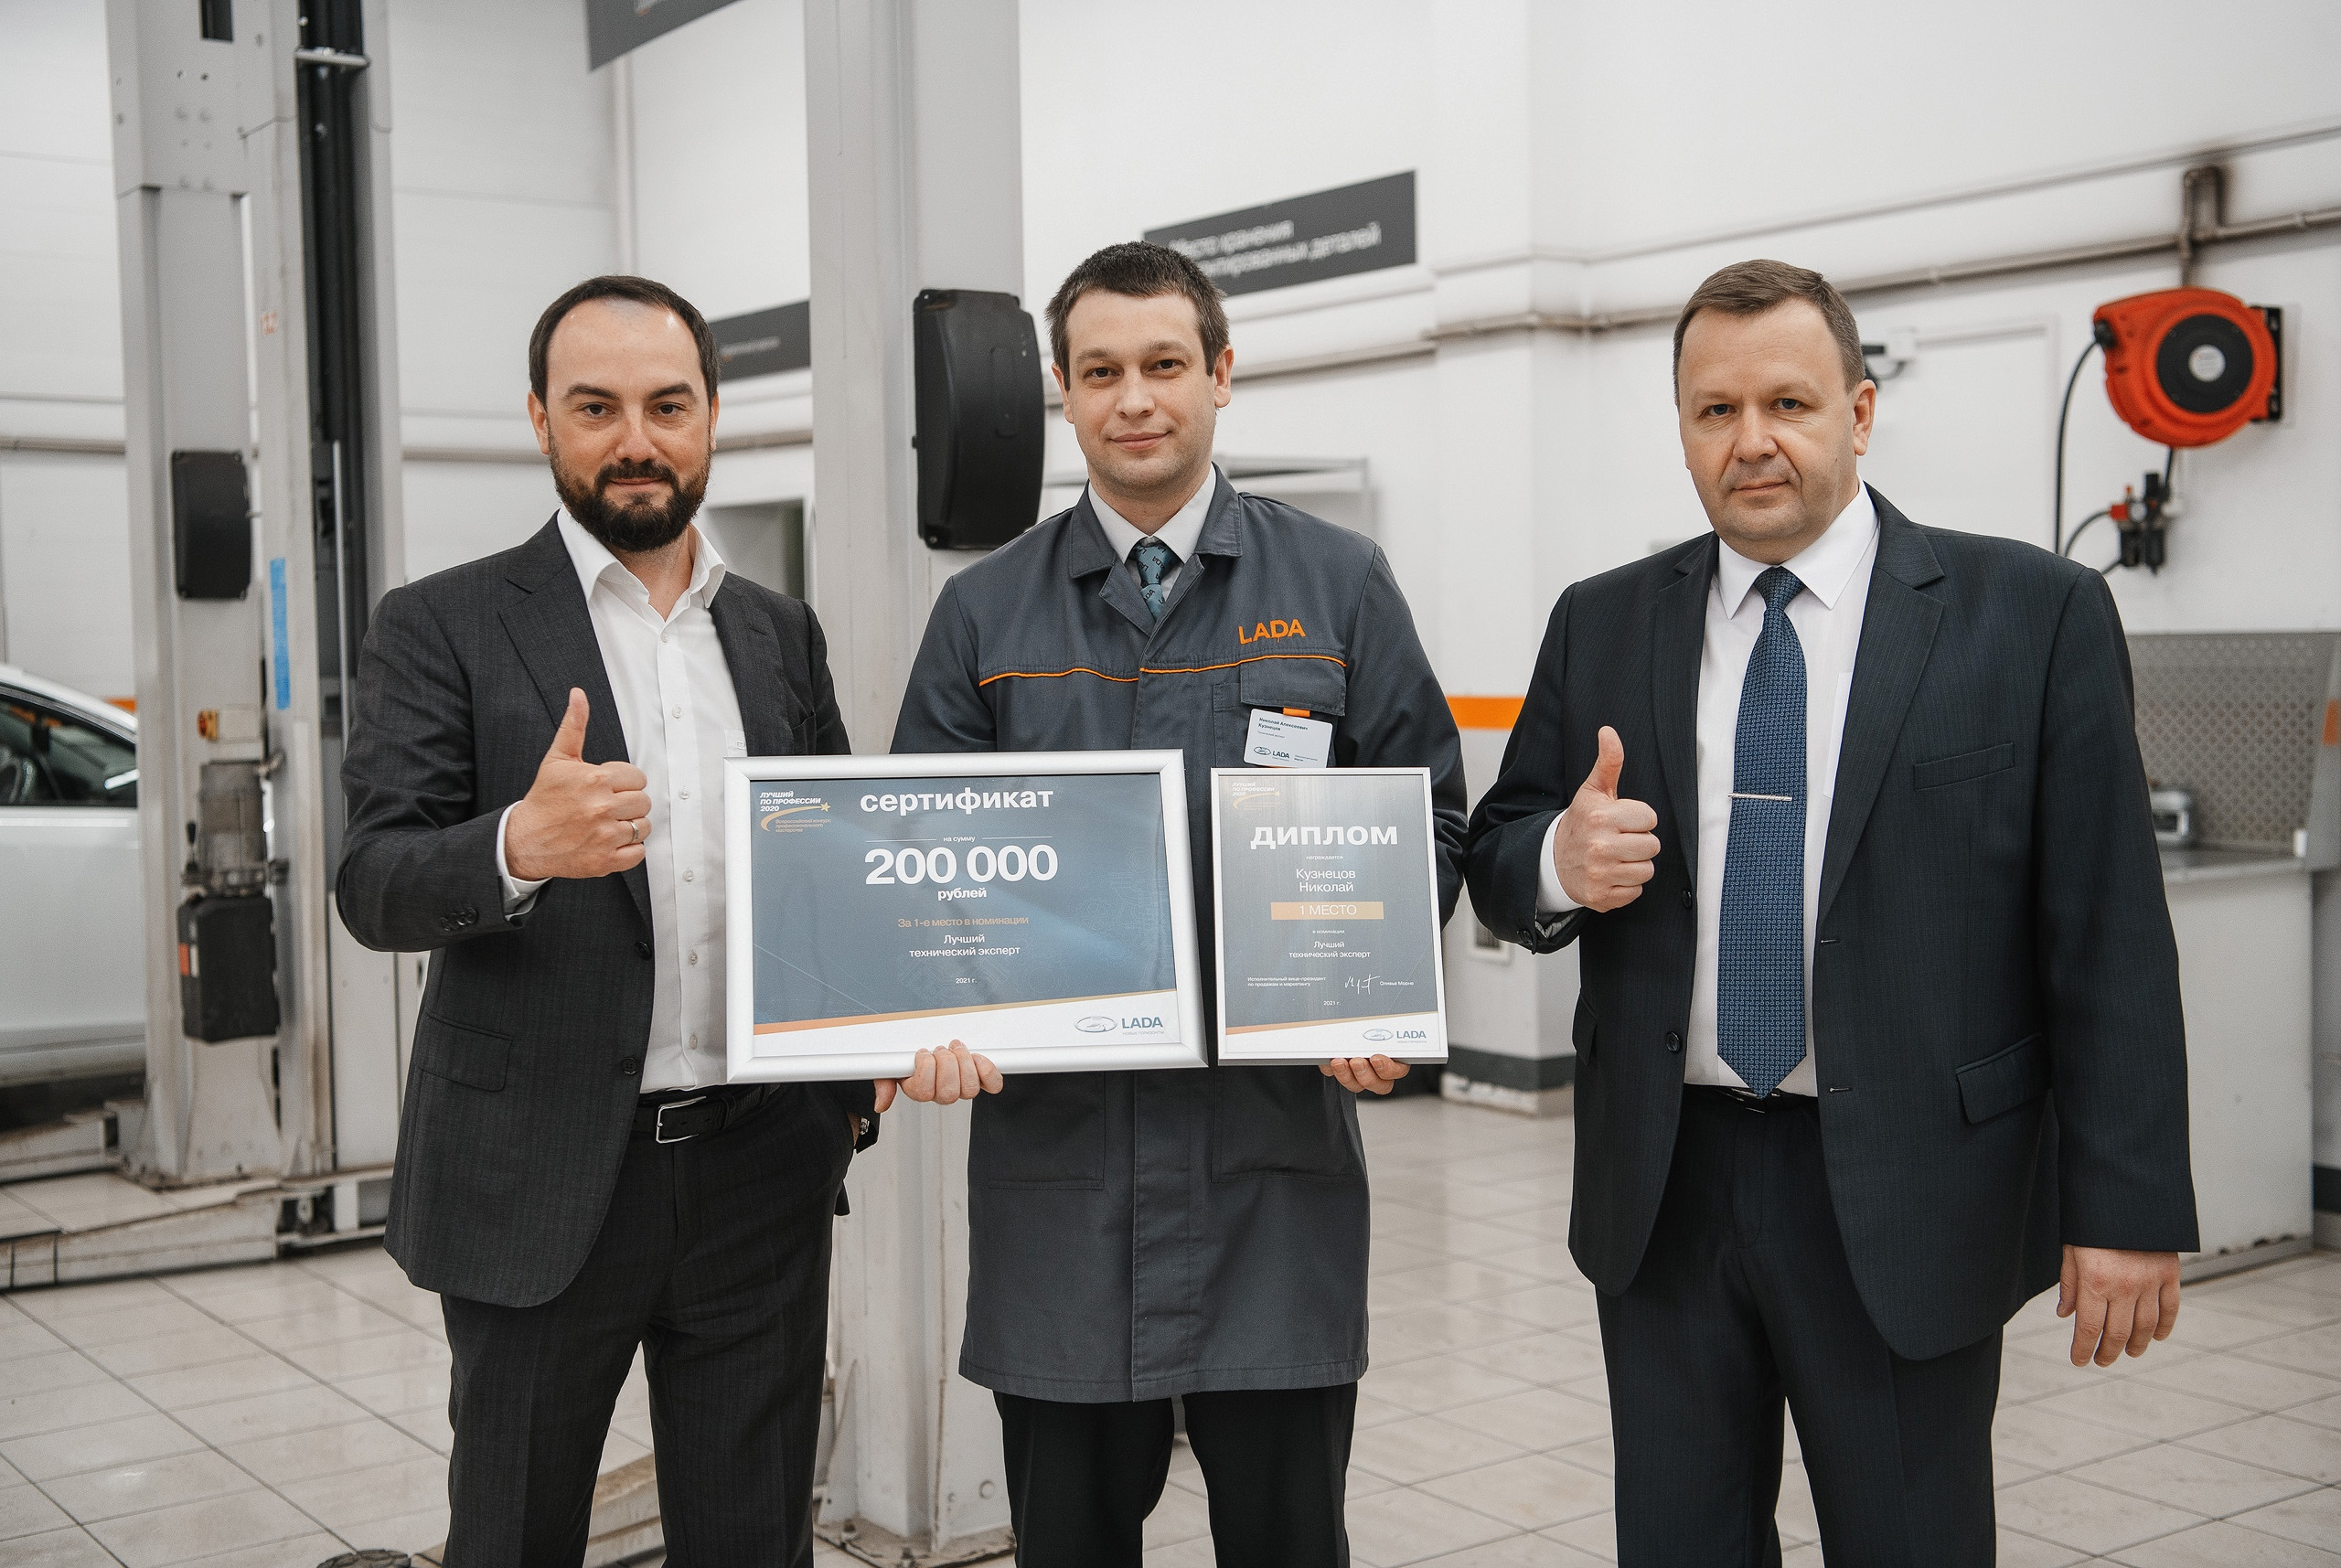 Сотрудник Мартен LADA Николай Кузнецов занял перове место в номинации «Лучший технический эксперт 2020г.»